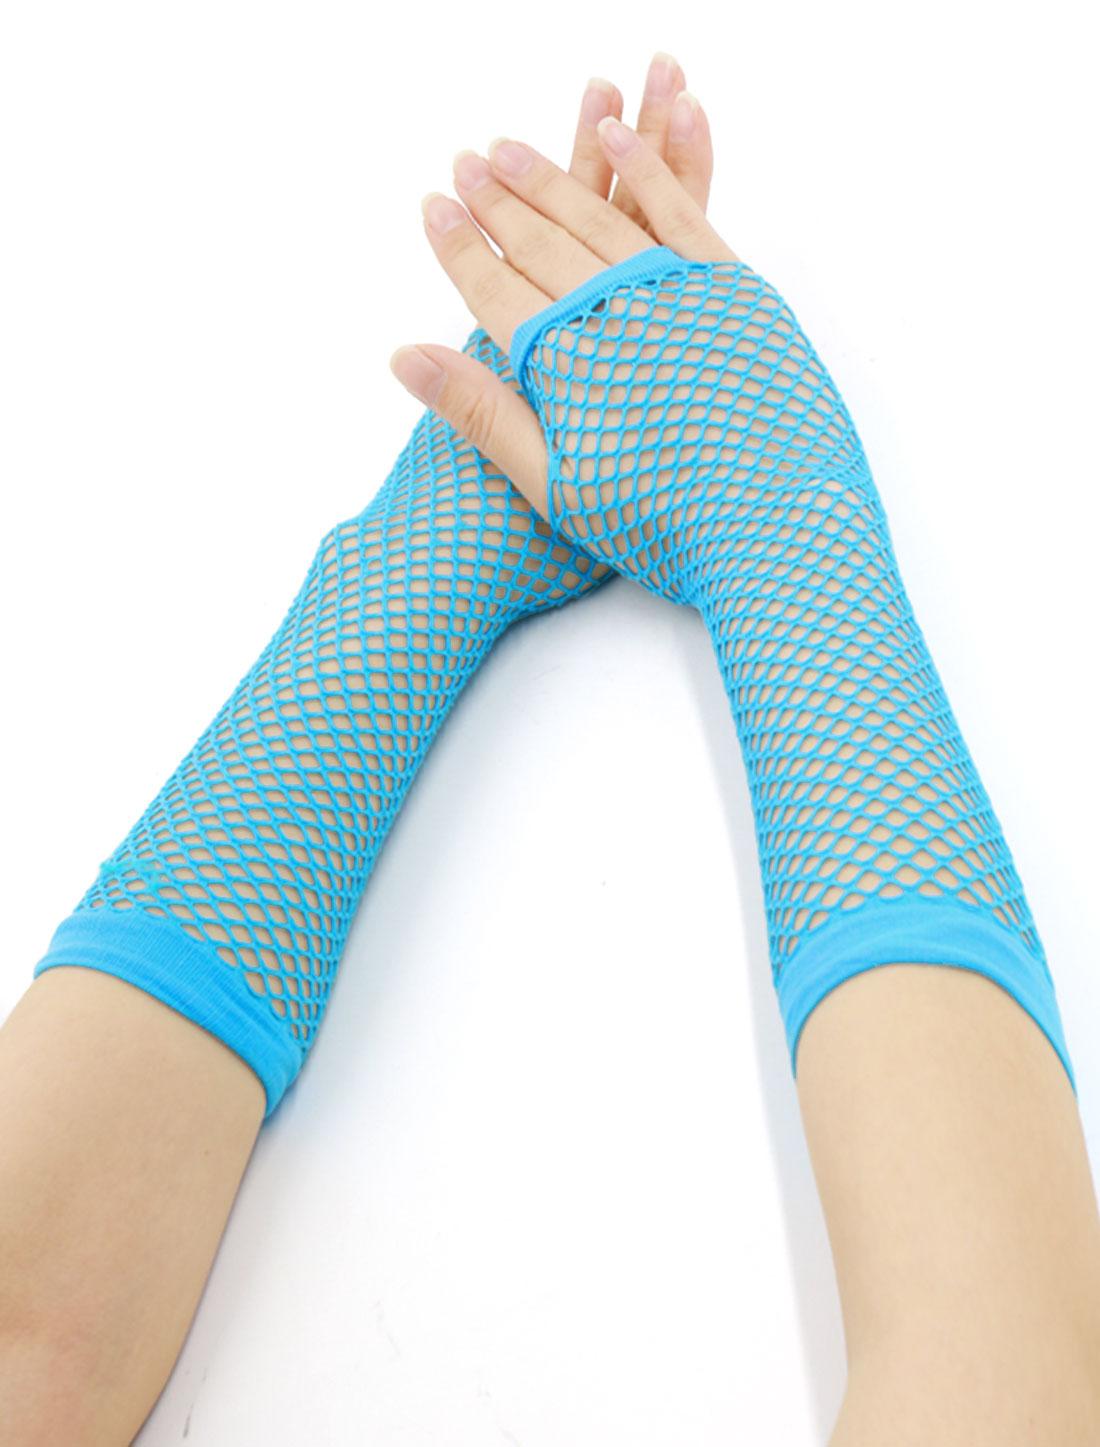 Women Elbow Length Fingerless Fishnet Gloves 2 Pairs Sky Blue